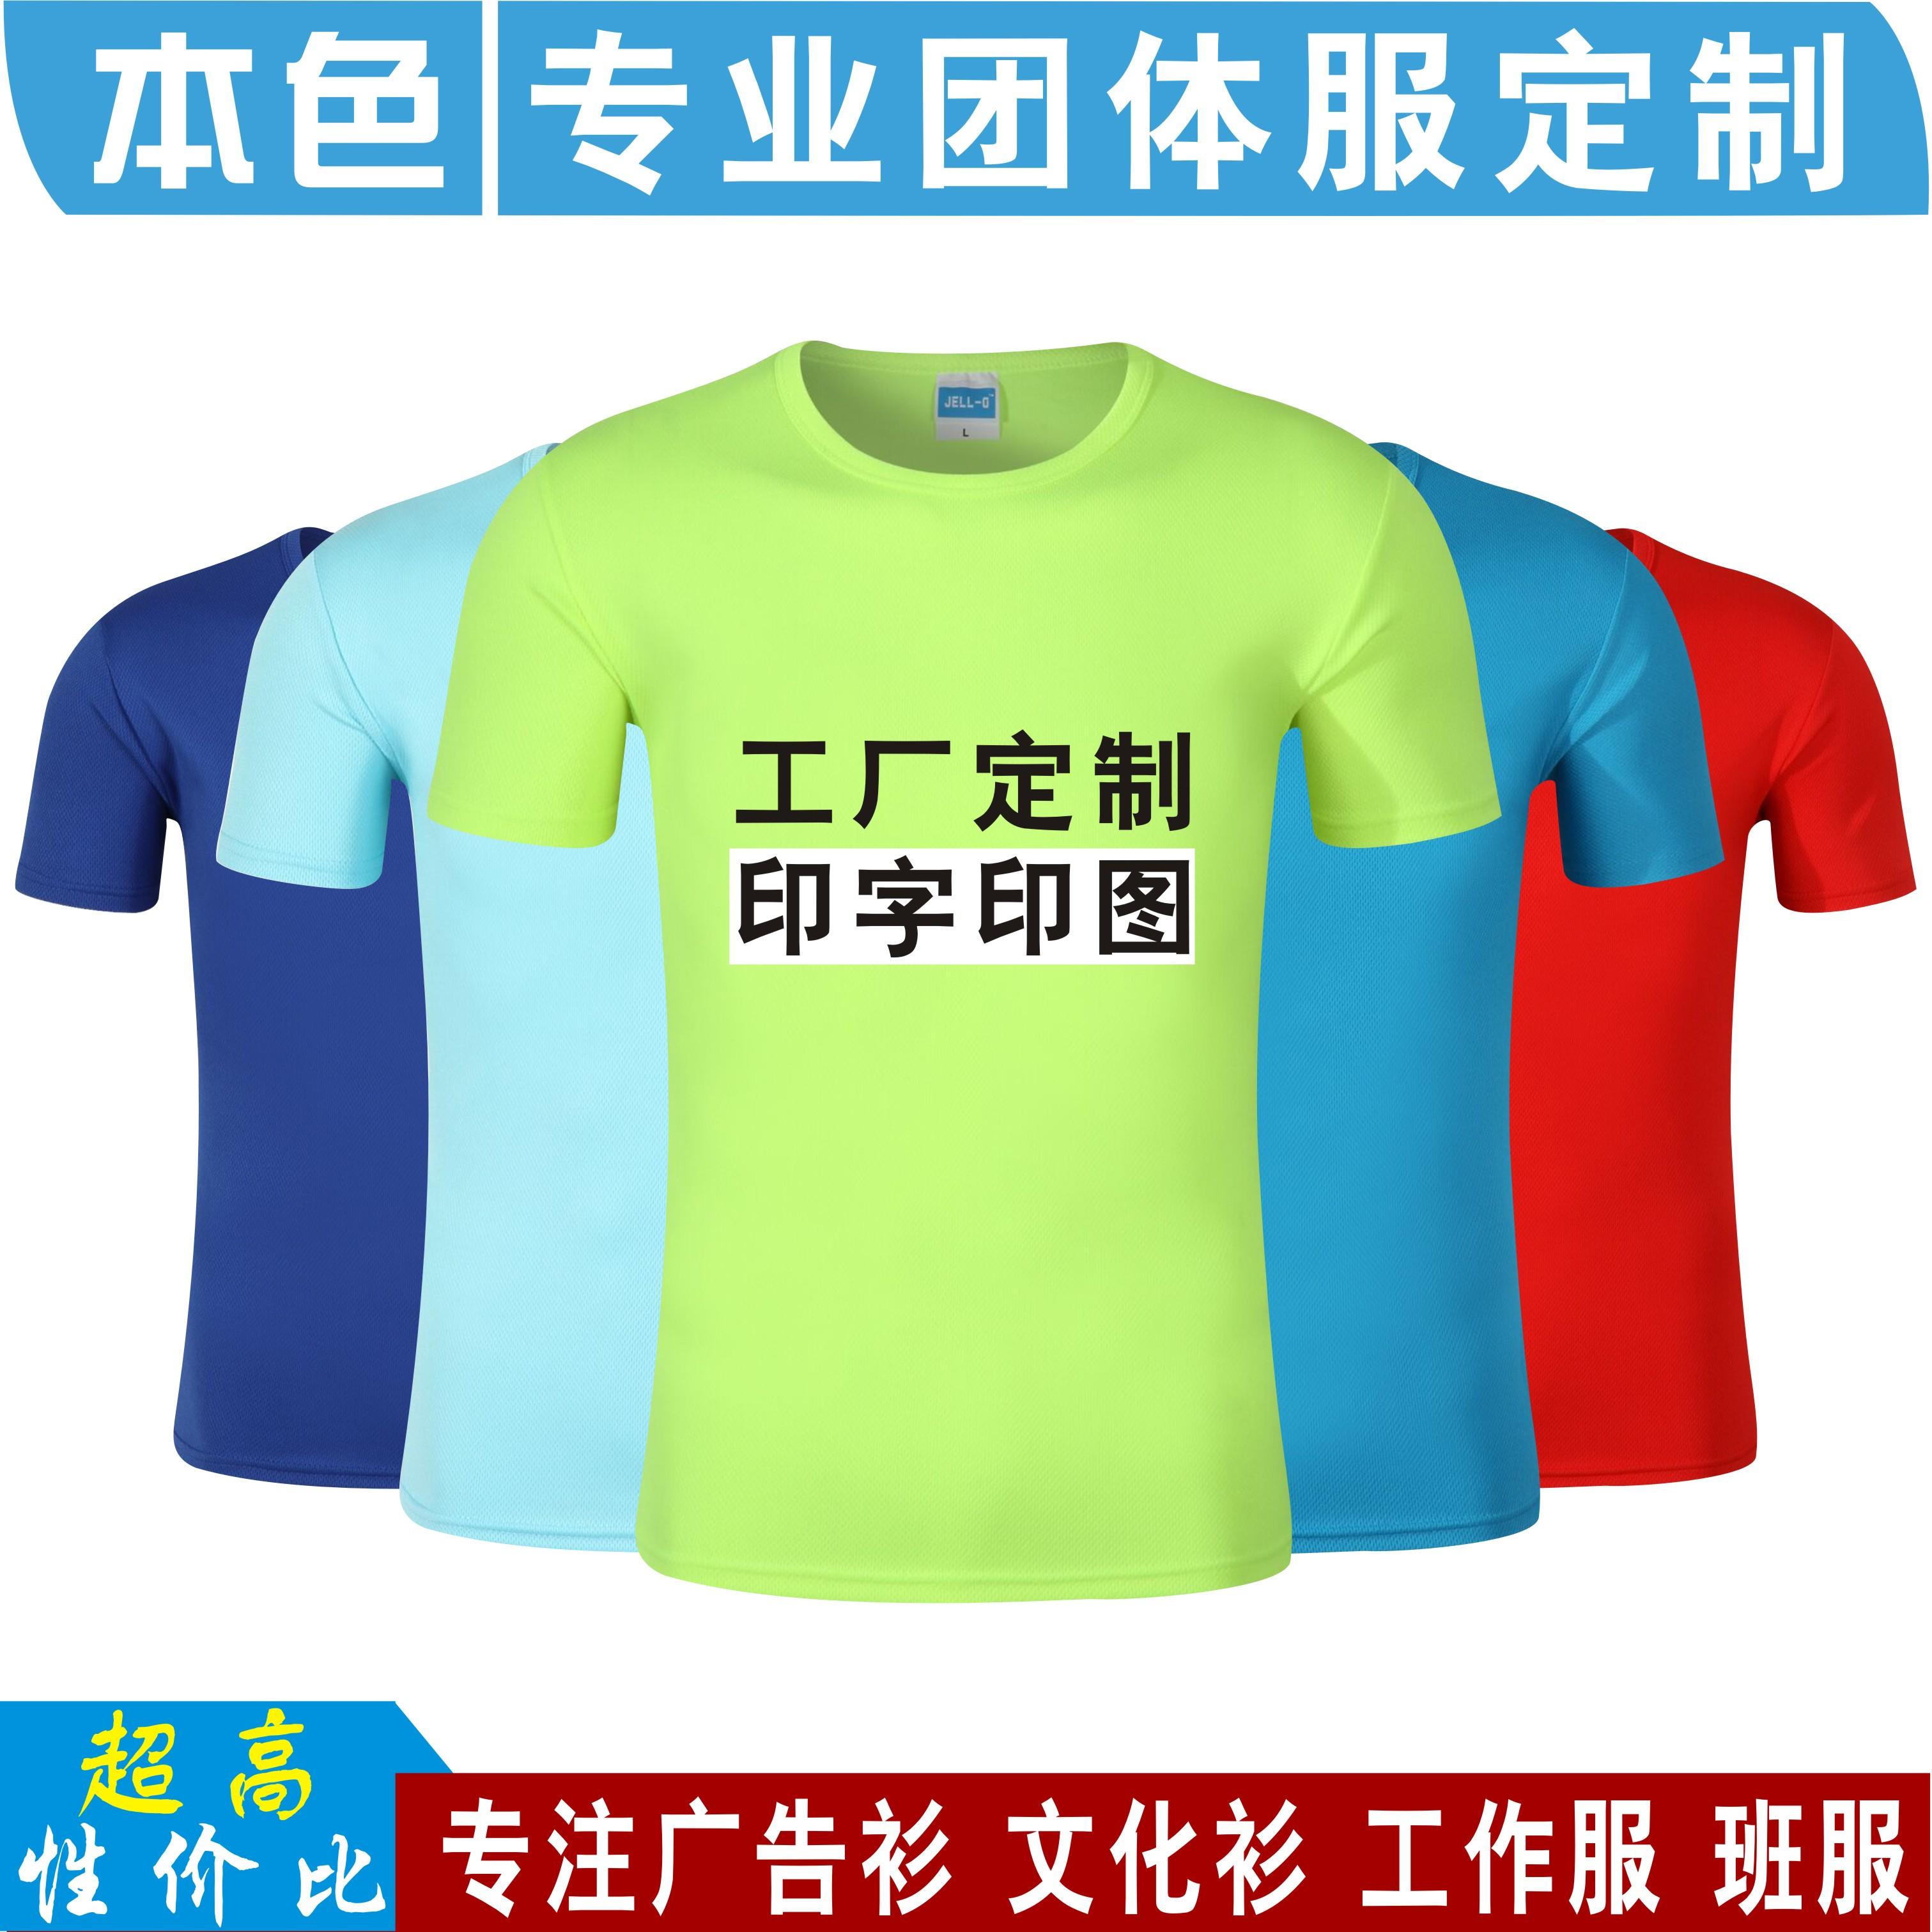 Сделанный на заказ t футболки хлопок diy класс обслуживания реклама рубашка быстросохнущие культура из рубашка работа одежда печать короткий рукав оптовая торговля индивидуальный logo